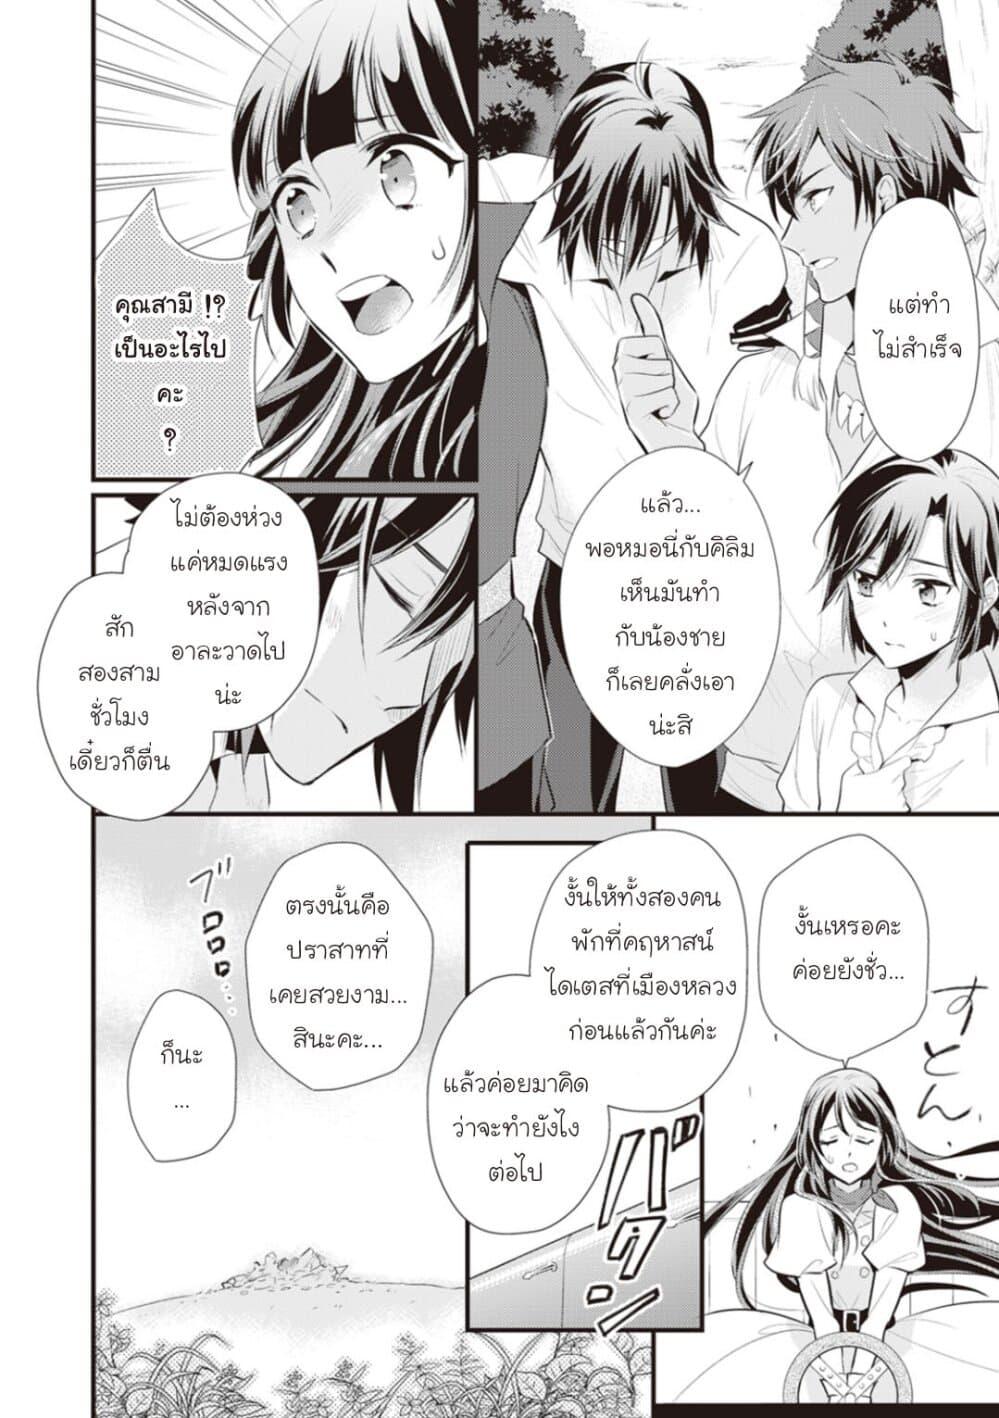 อ่านการ์ตูน Daites Ryou Koubouki ตอนที่ 22 หน้าที่ 20